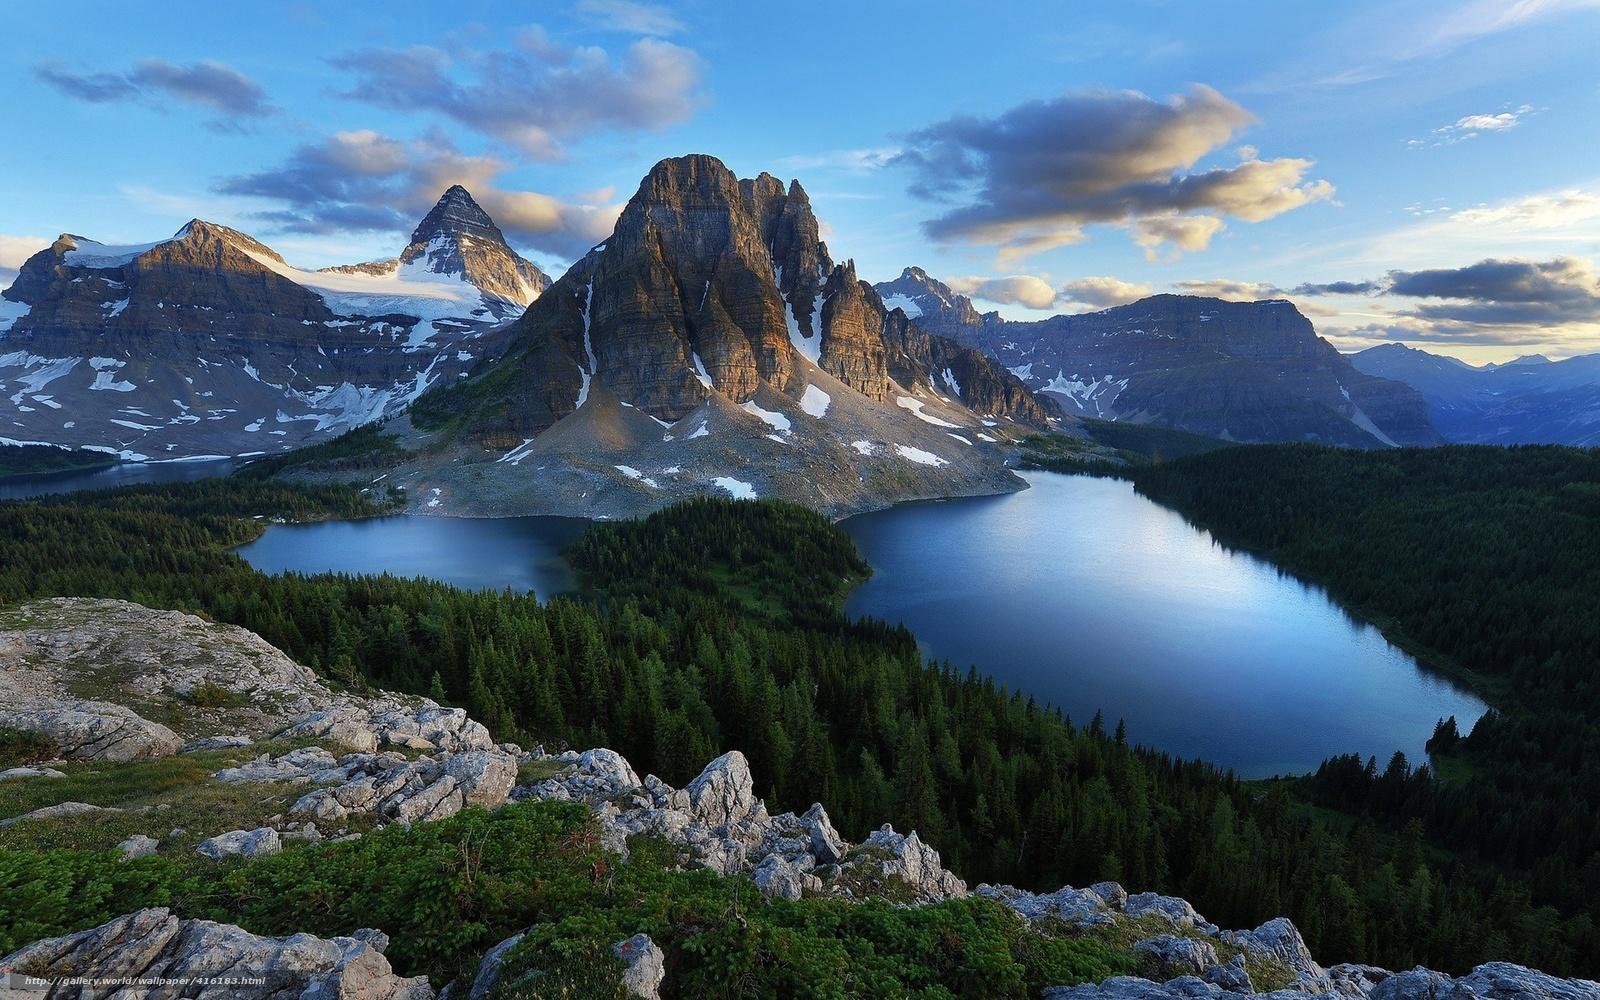 Tlcharger fond d 39 ecran montagne voir l 39 eau for Fond ecran montagne